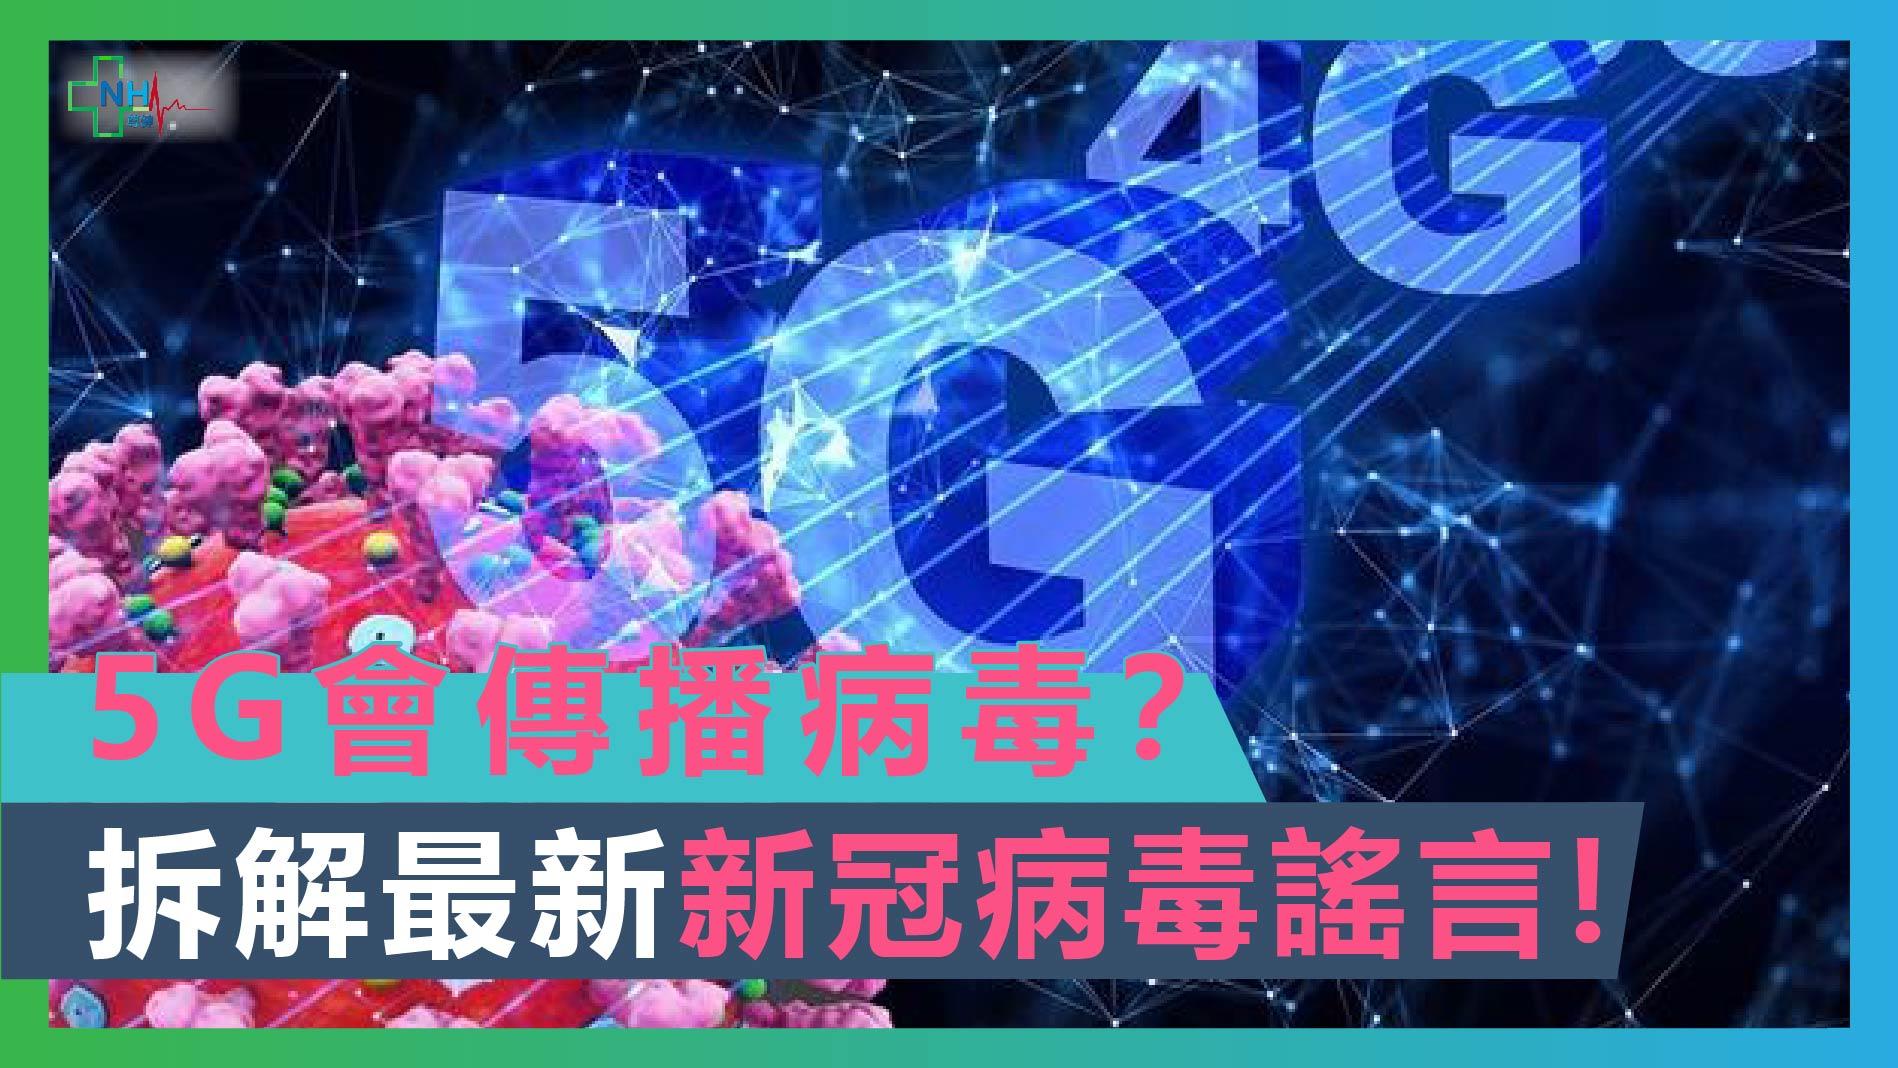 20200406-fb.jpg